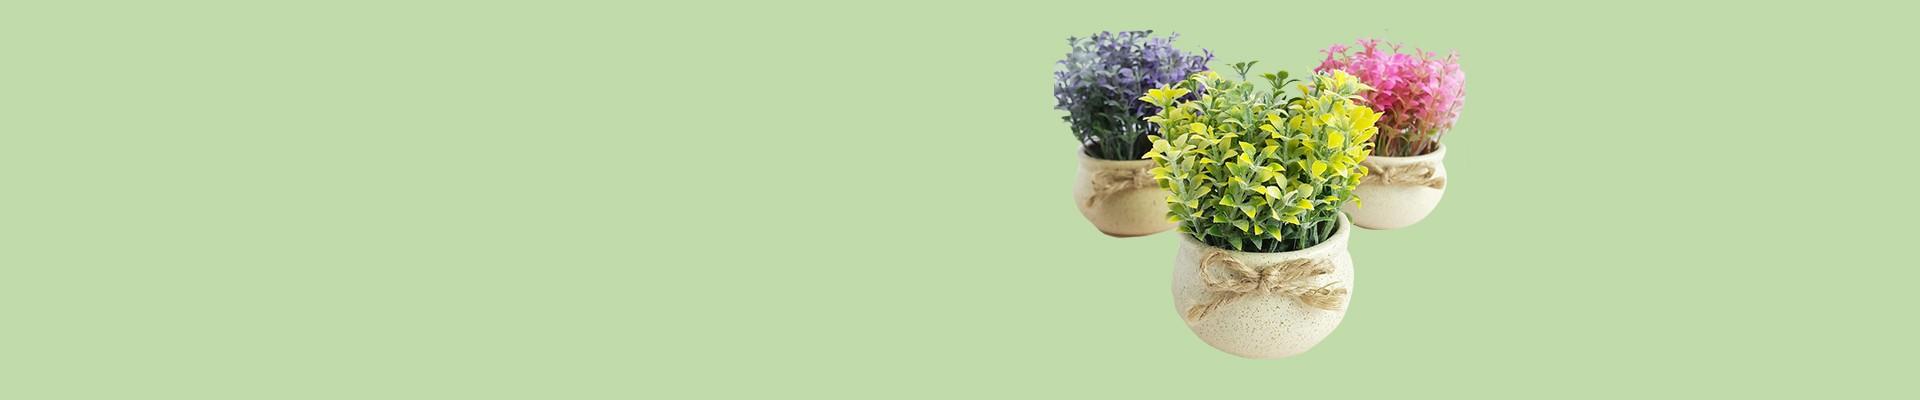 Jual Bunga Plastik / Artificial Terbaru & Unik - Harga Grosir Murah